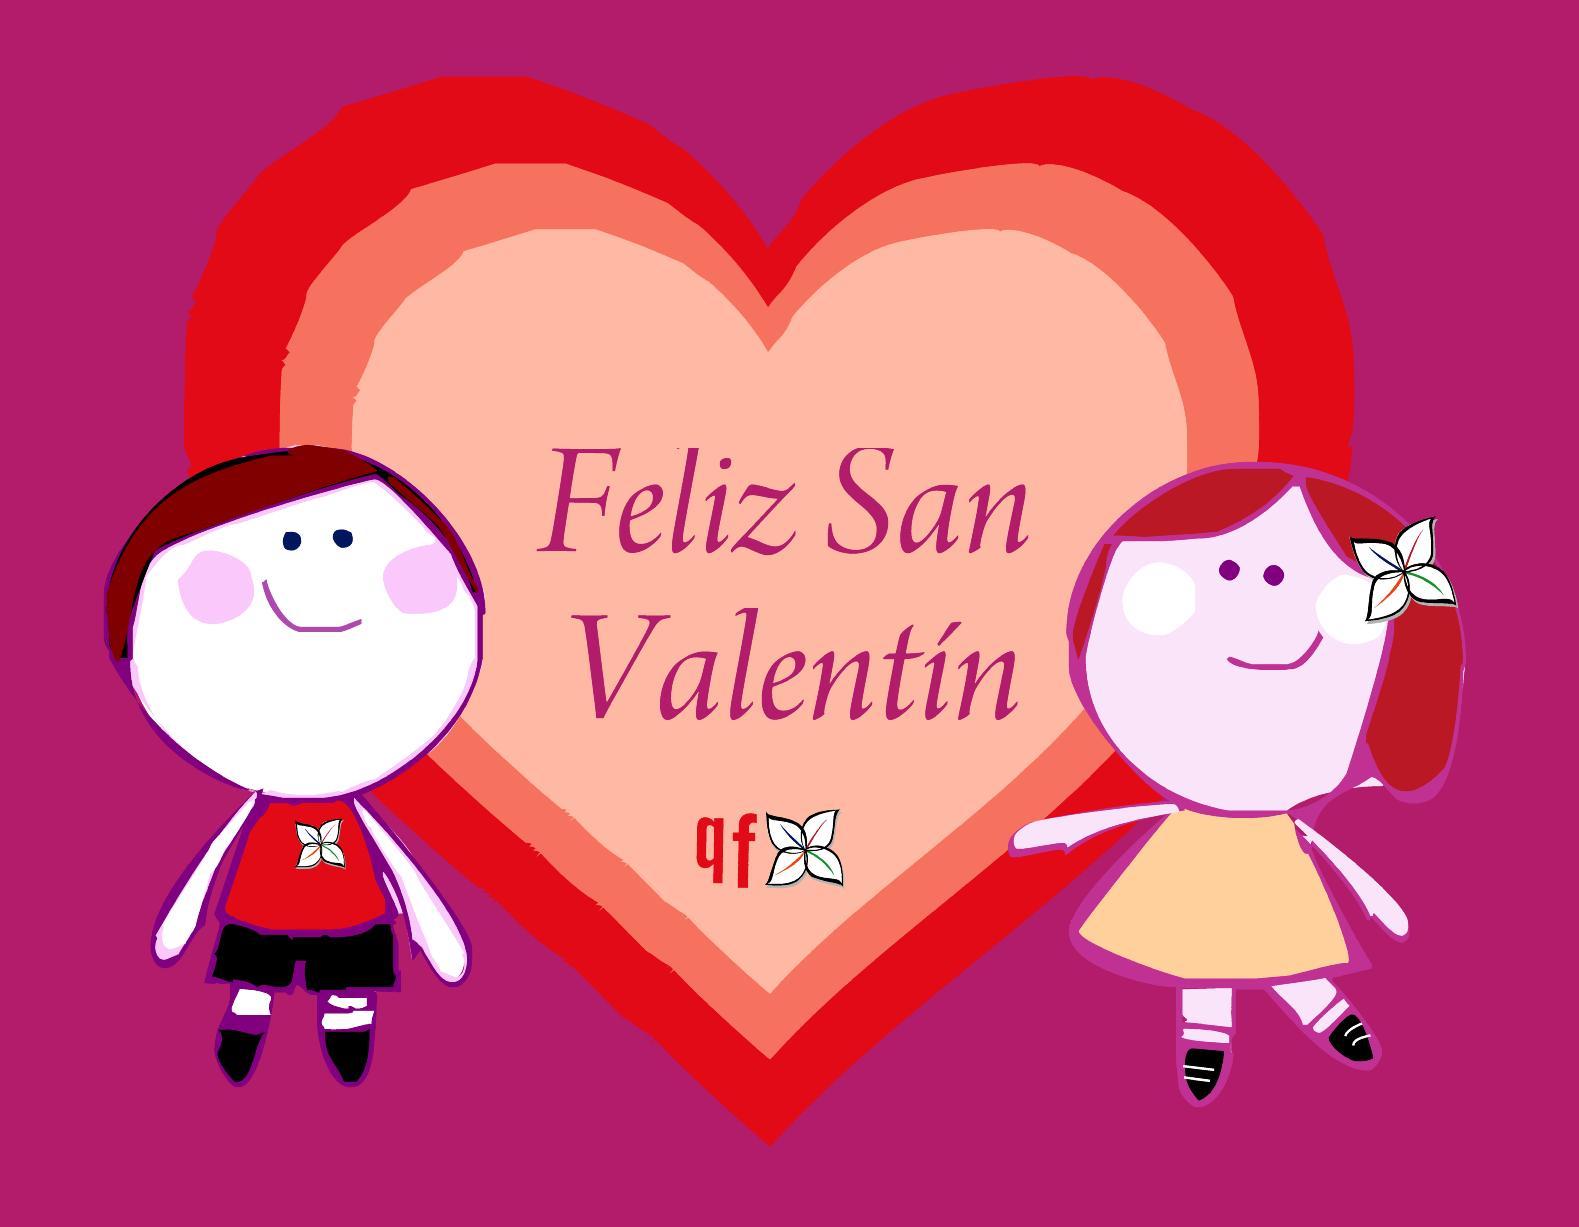 San Valentín: 5 frases de amor para el día de los